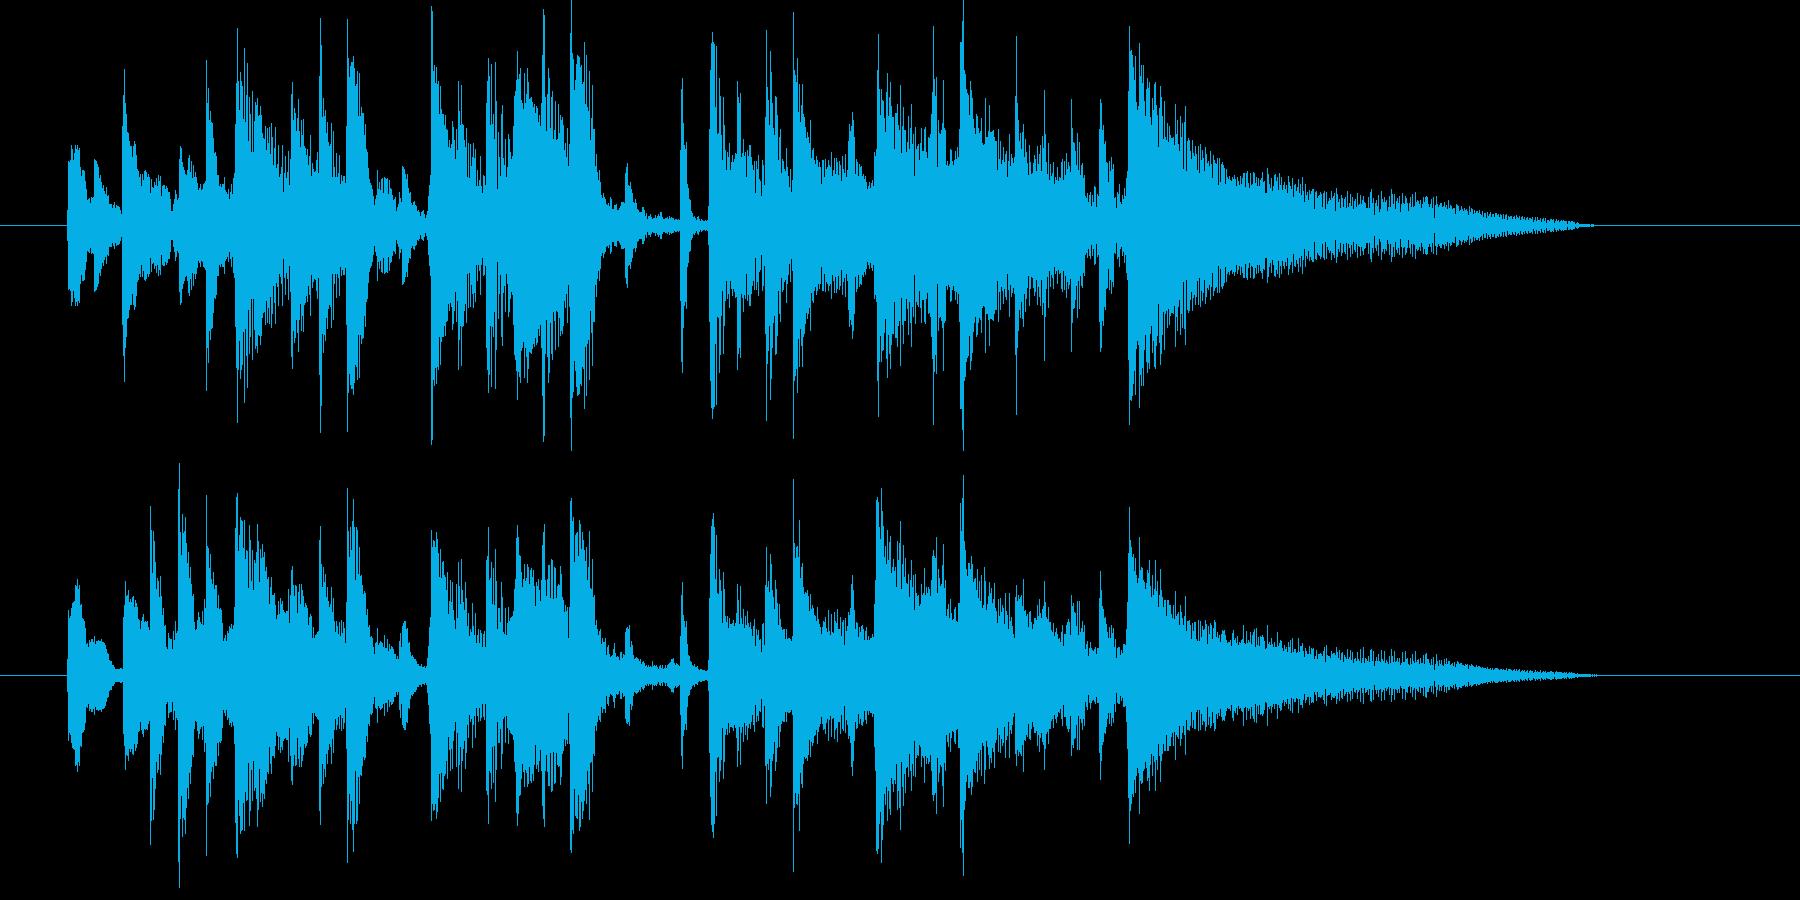 リズミカルでムードのある曲の再生済みの波形